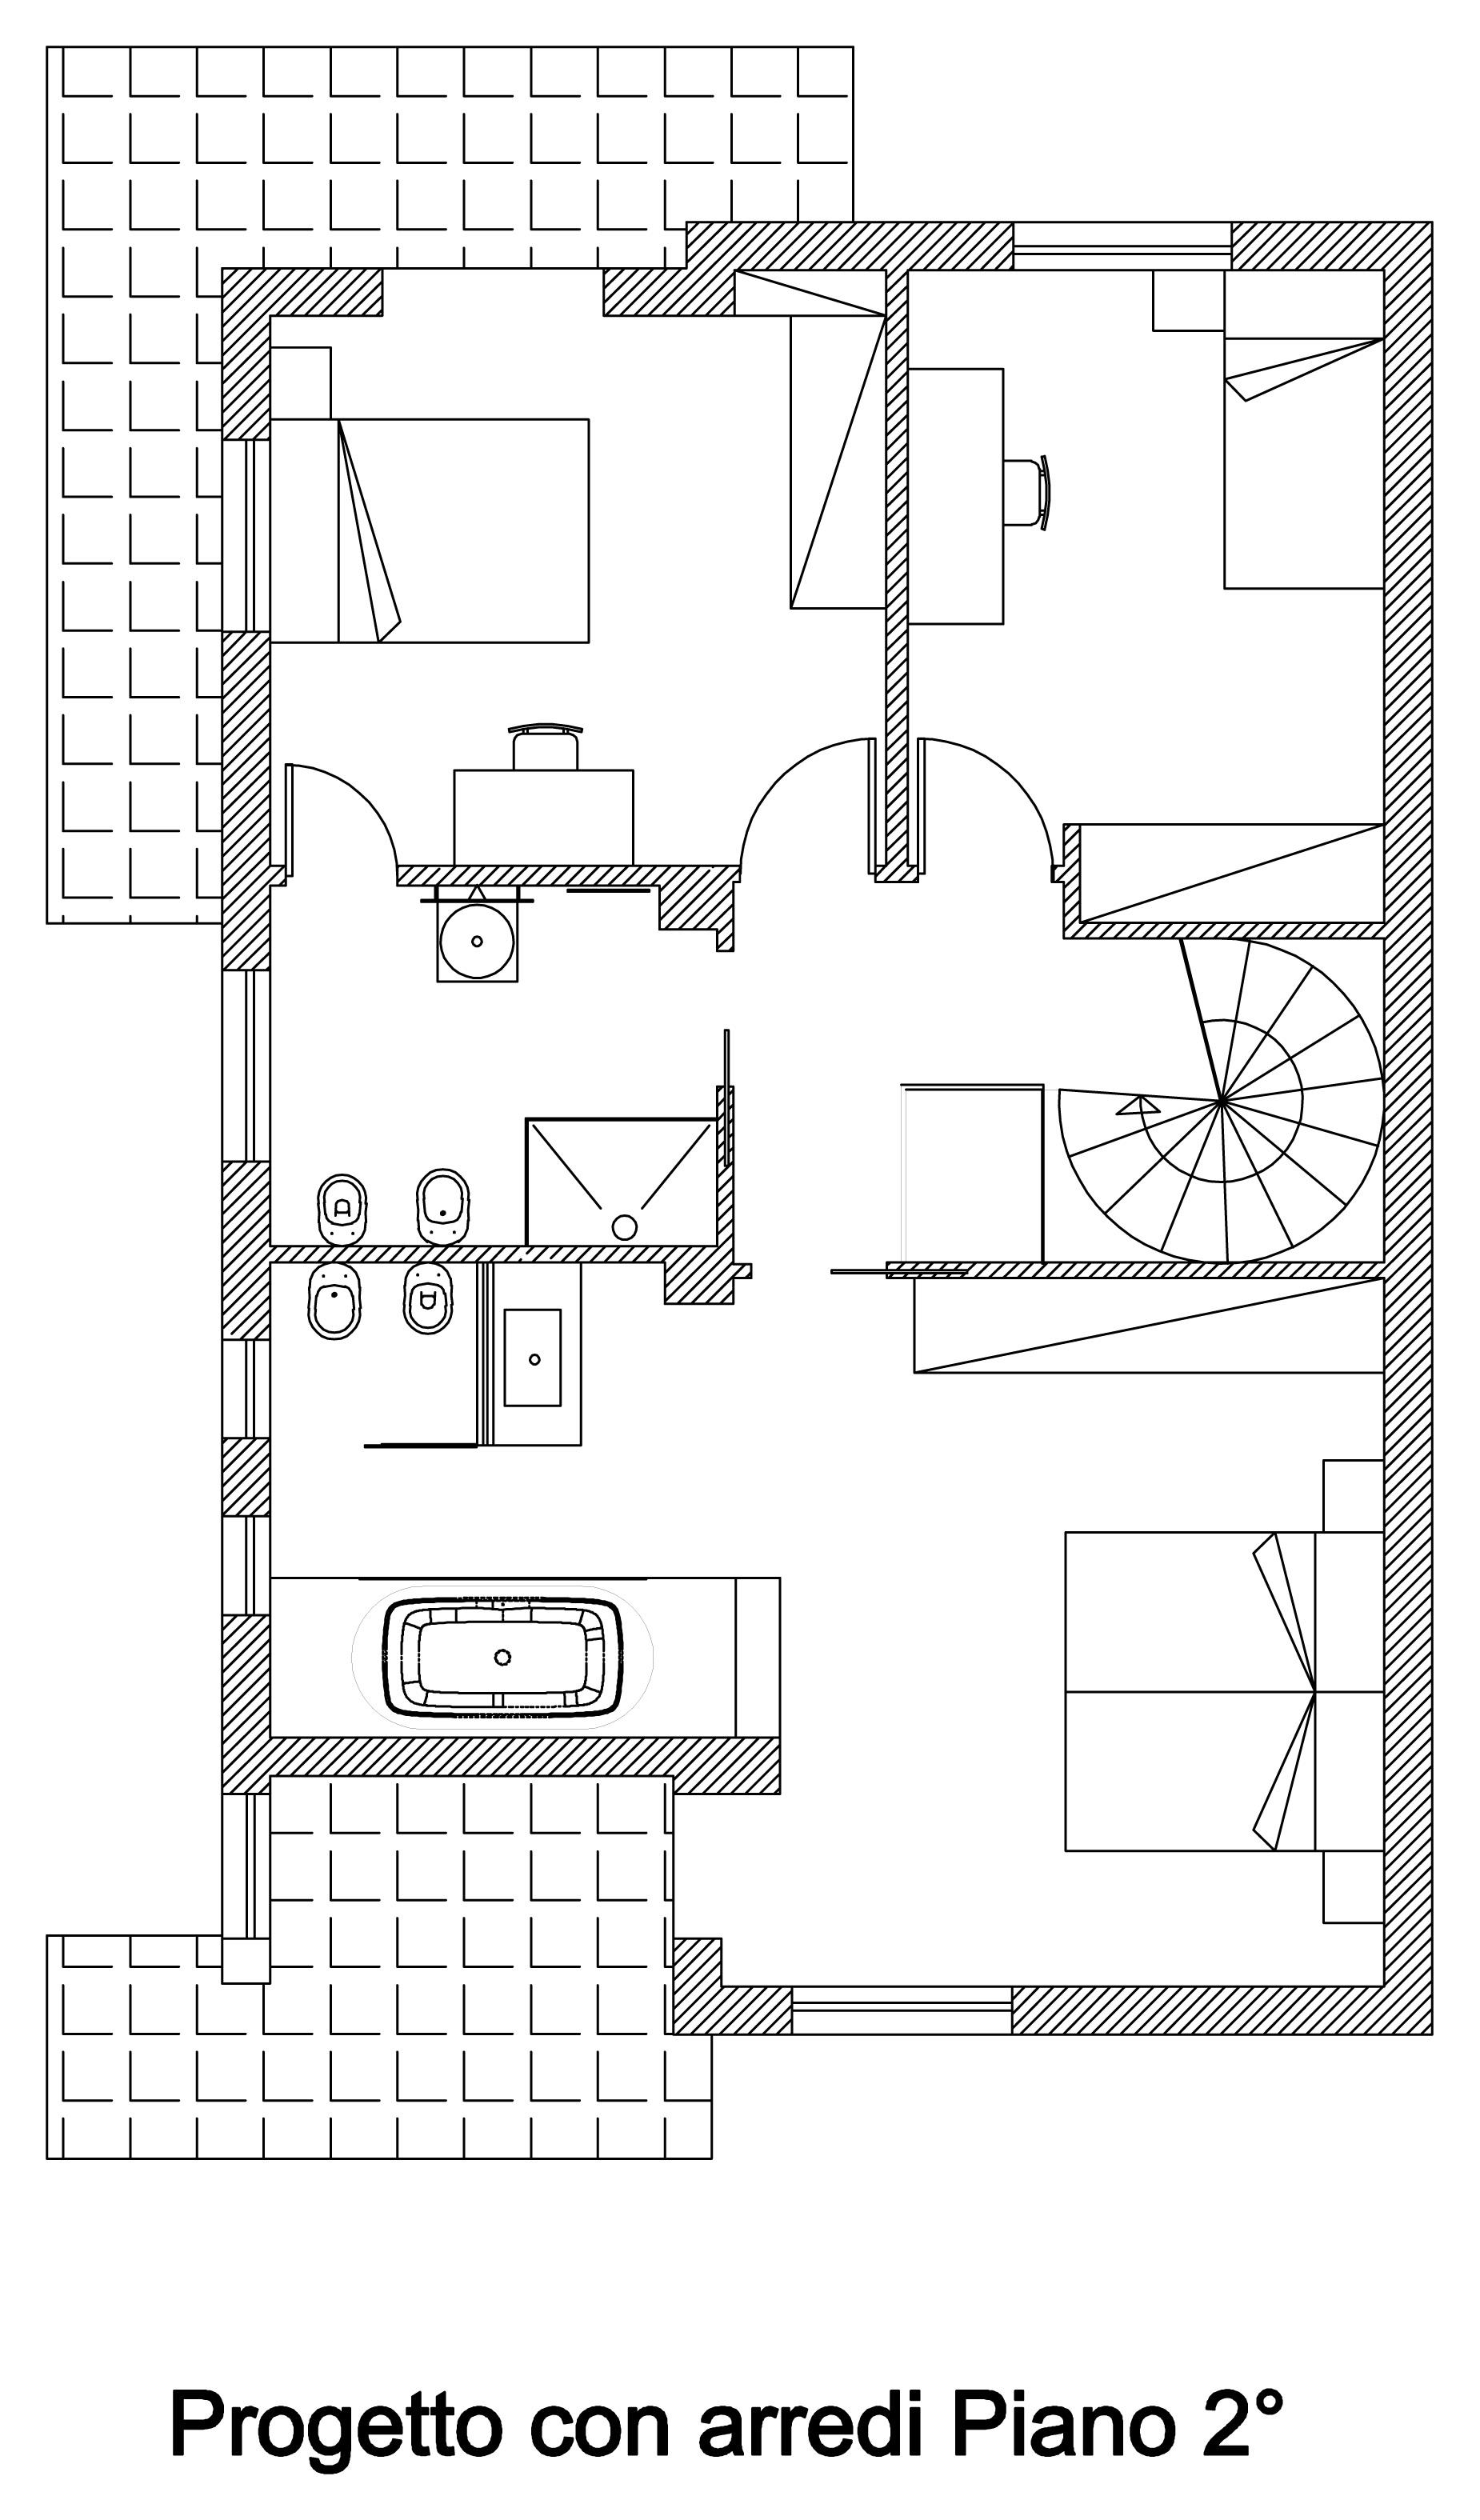 -Arch-Arnone-interior-design de-unabitazione-de-2-níveis andar segundos